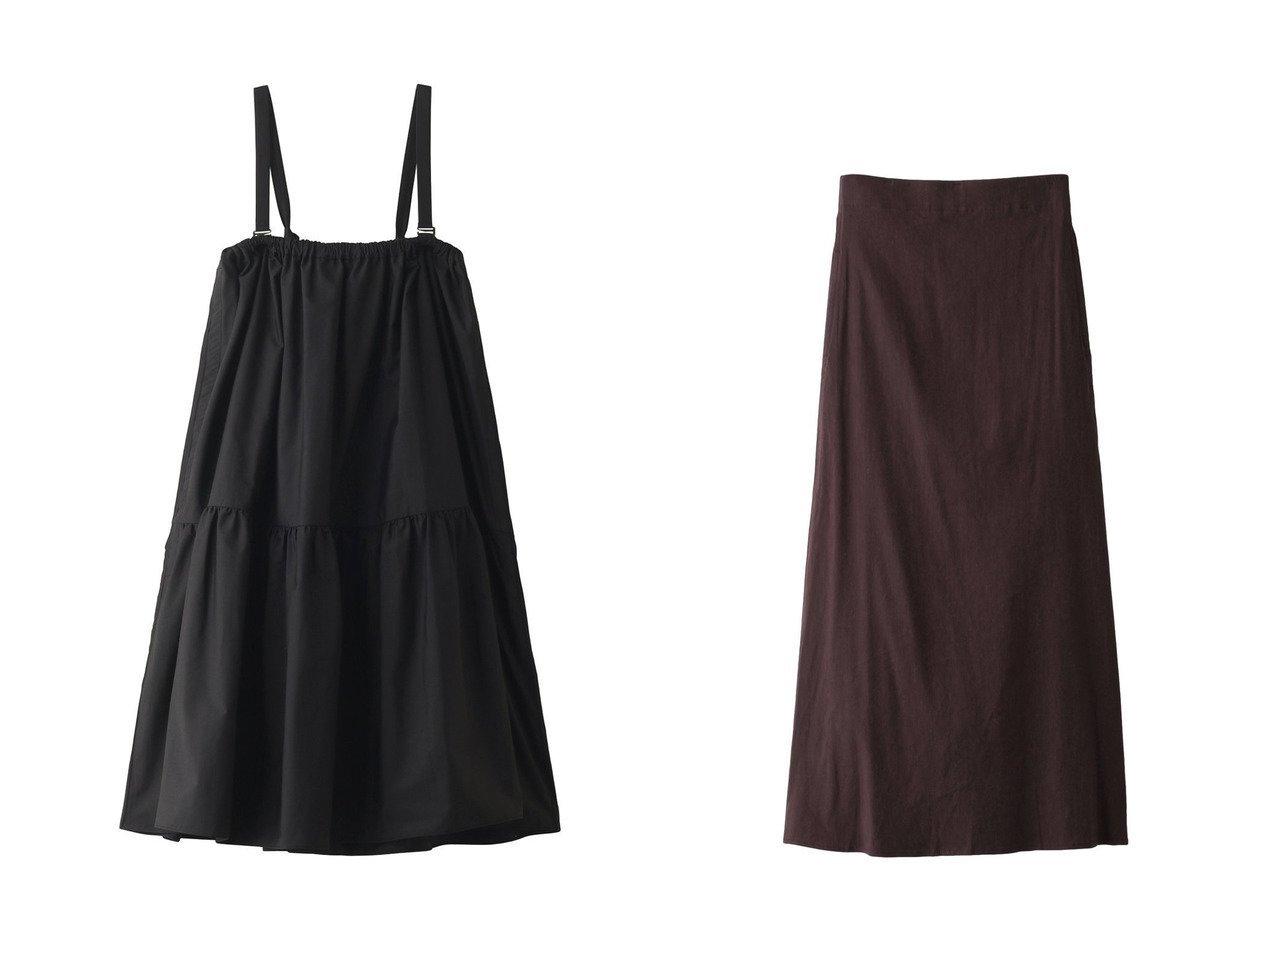 【AMICA/アミカ】の2wayクリノリンドレス&【GALLARDAGALANTE/ガリャルダガランテ】の【FEMMENT】2WAYギャザースカート 【スカート】おすすめ!人気、トレンド・レディースファッションの通販 おすすめで人気の流行・トレンド、ファッションの通販商品 メンズファッション・キッズファッション・インテリア・家具・レディースファッション・服の通販 founy(ファニー) https://founy.com/ ファッション Fashion レディースファッション WOMEN スカート Skirt ロングスカート Long Skirt 2021年 2021 2021春夏・S/S SS/Spring/Summer/2021 S/S・春夏 SS・Spring/Summer ギャザー シンプル ドレープ ベーシック ロング 春 Spring |ID:crp329100000027824